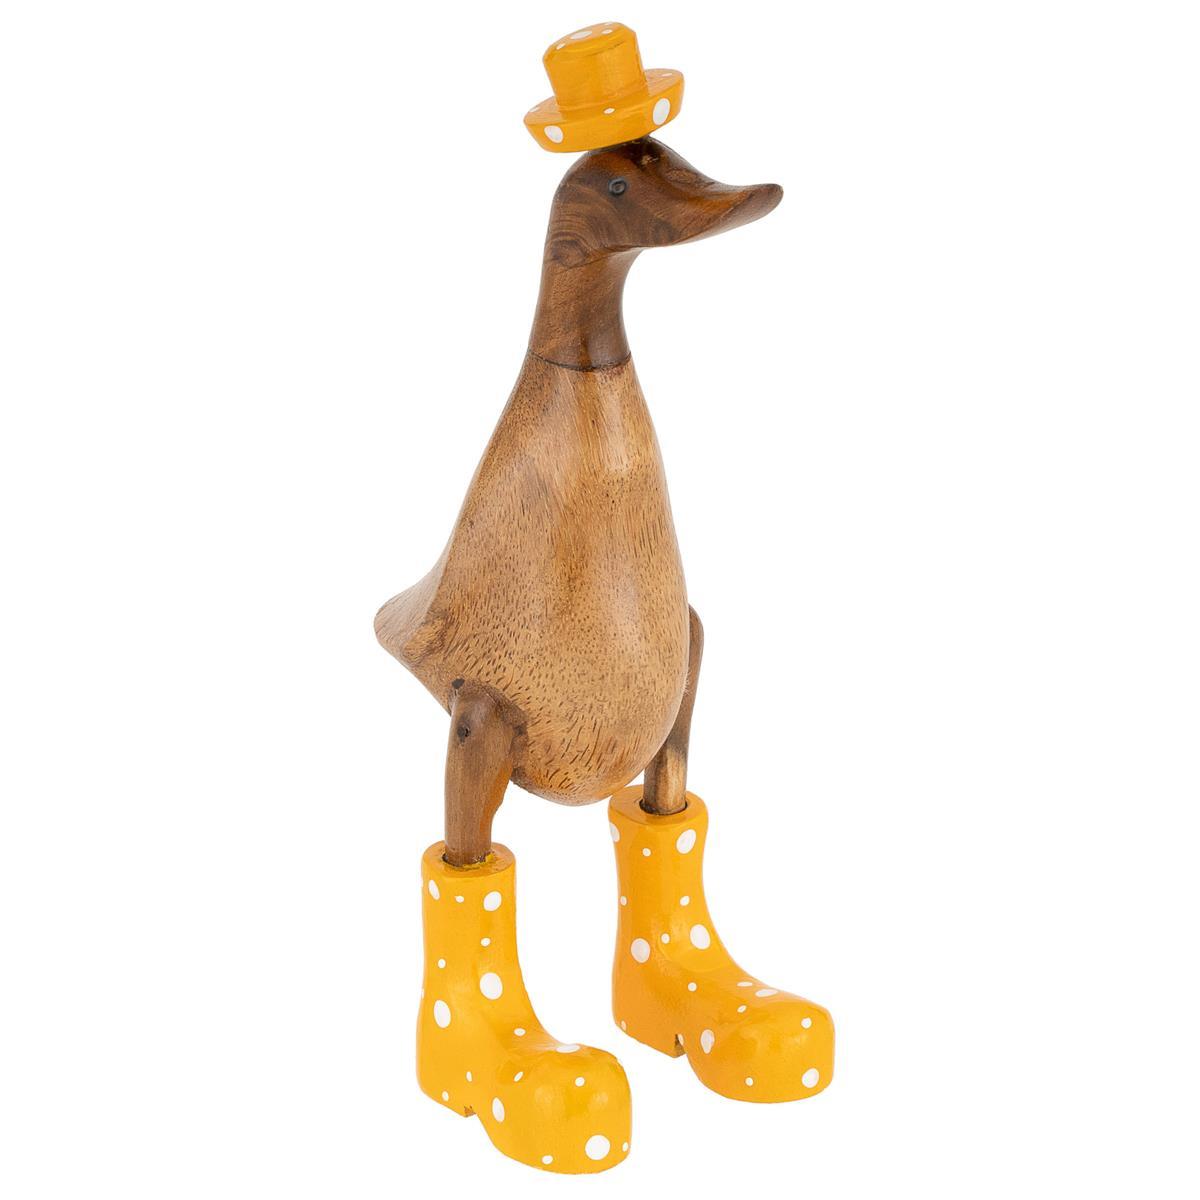 Handgemachte Deko Ente gelben Stiefeln und Hut aus Bambus-Holz 26 cm